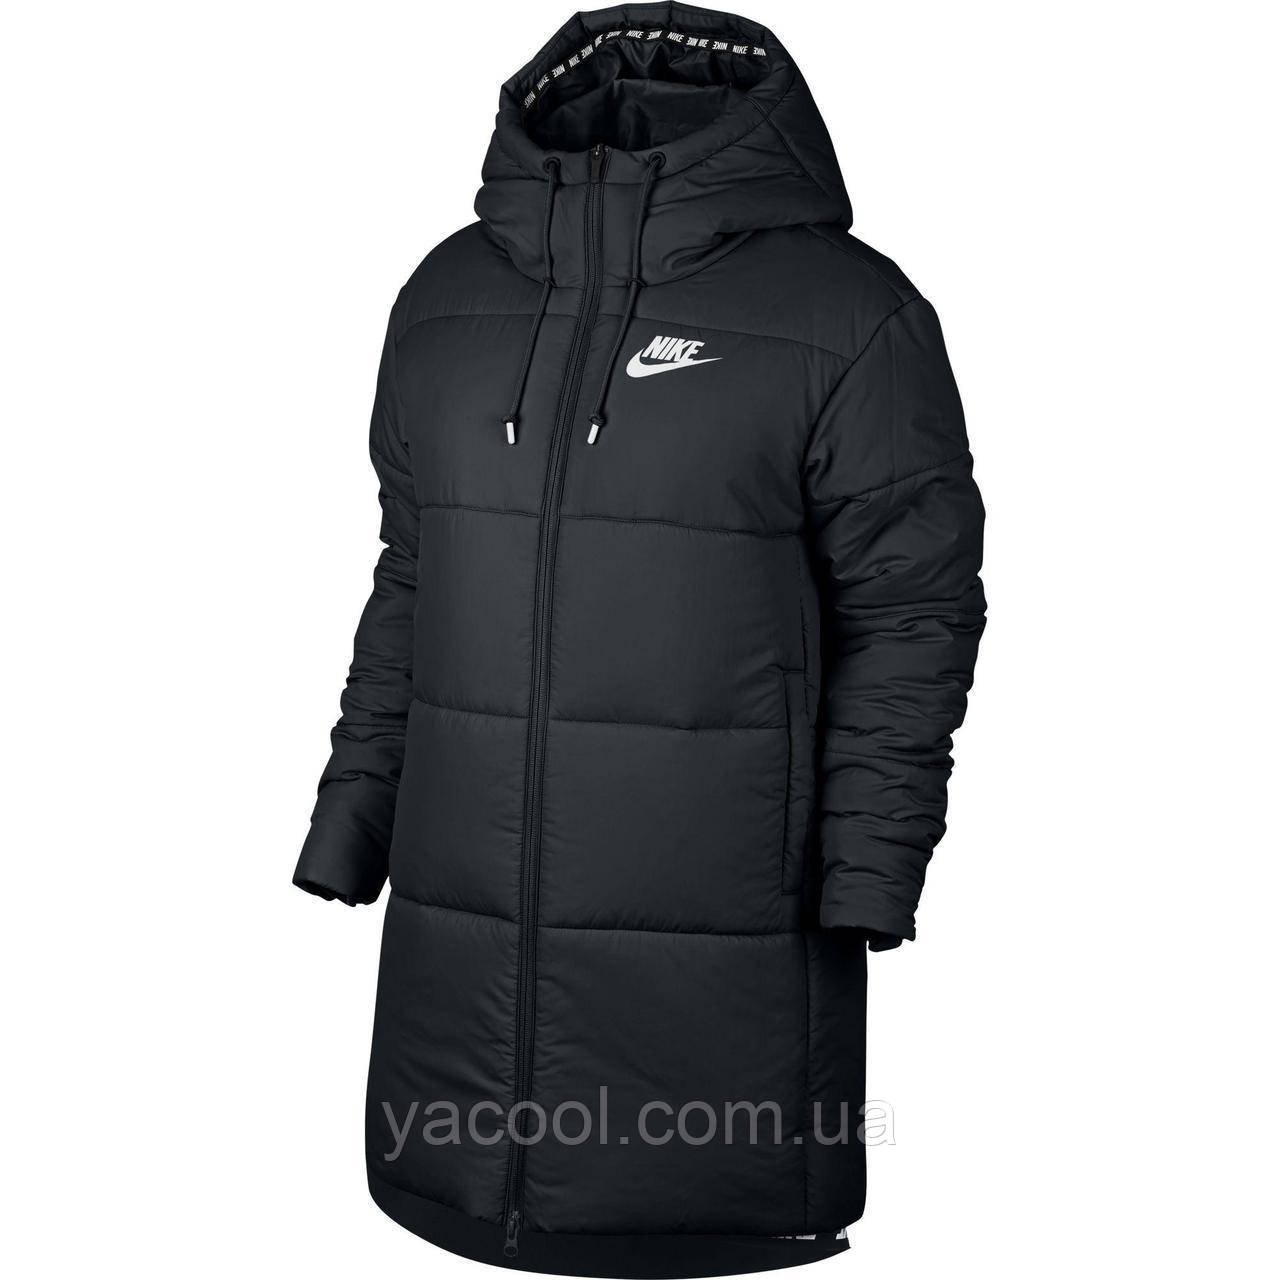 7bebf7072b7 Длинная зимняя футбольная куртка